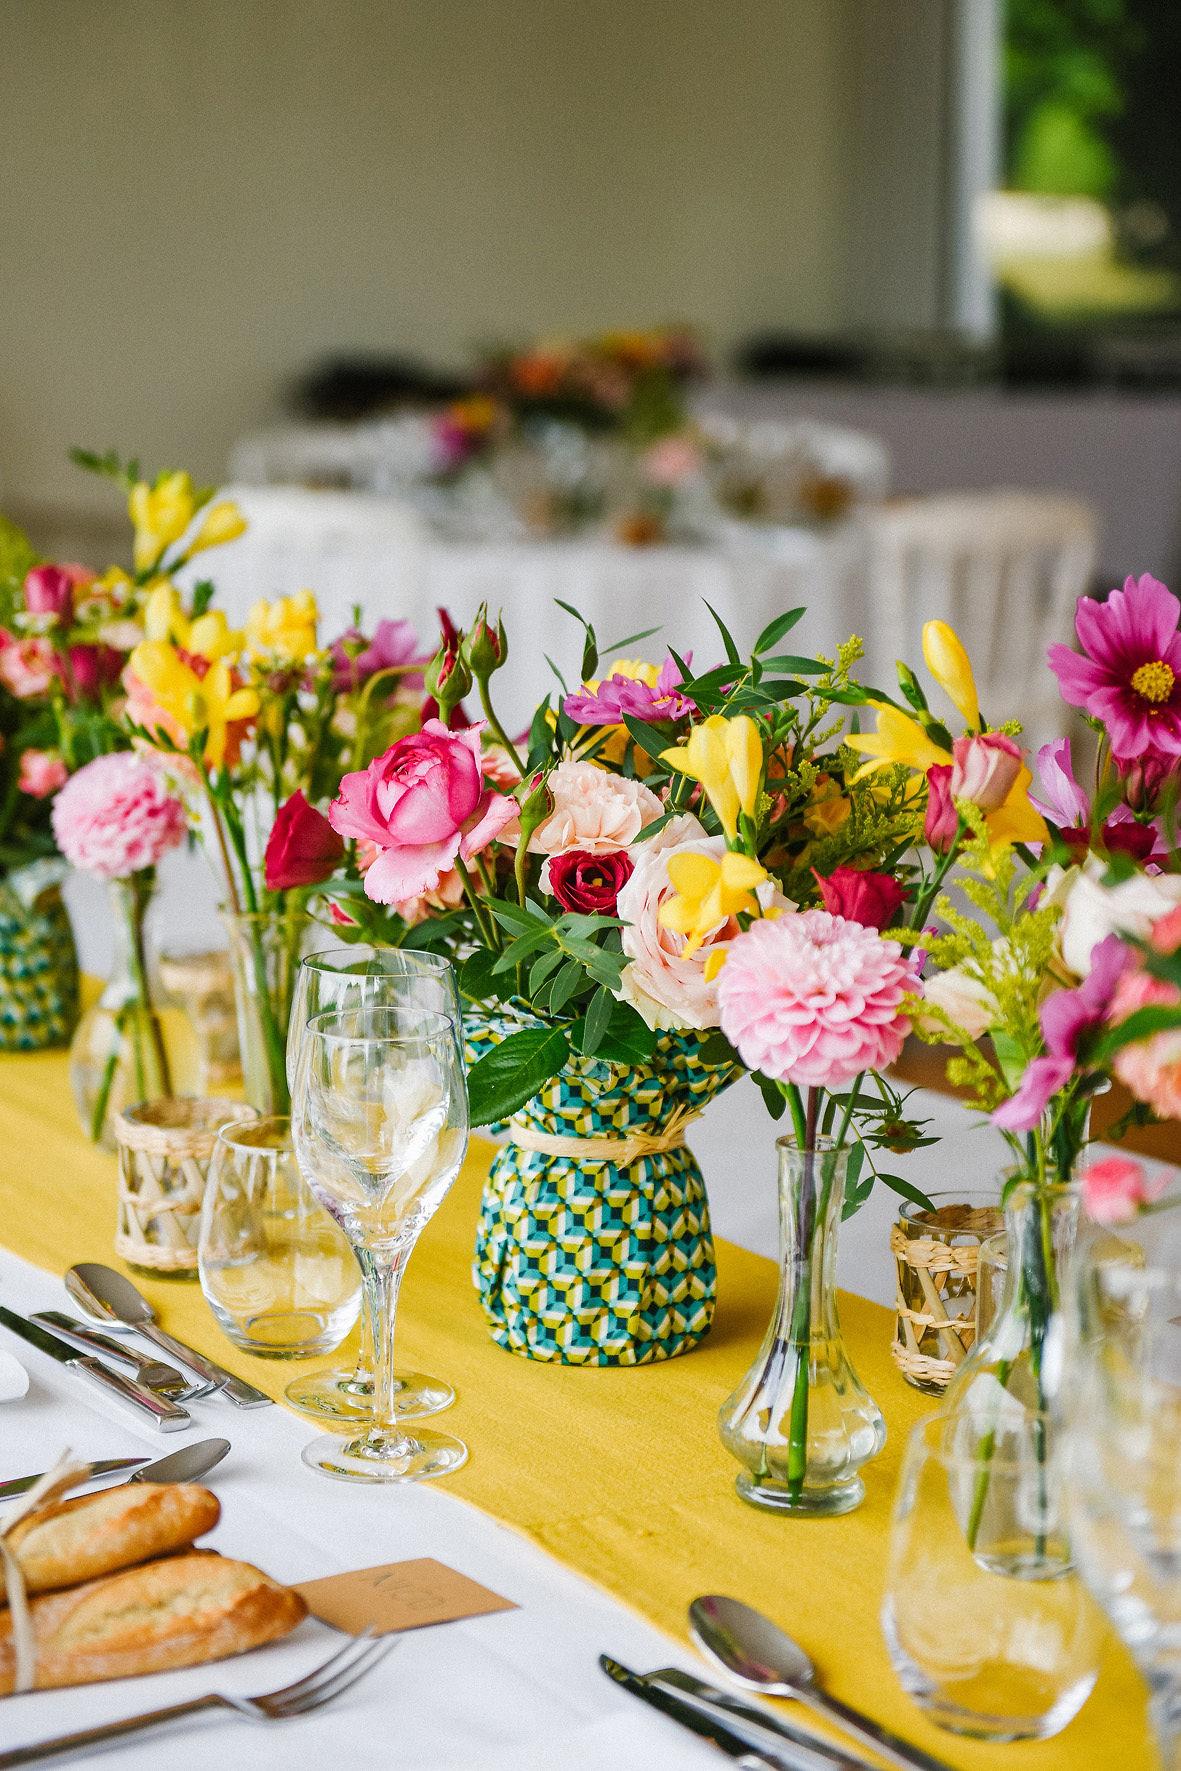 Table d'honneur, bouquet, atelier floral, mariage, décoratrice, candy bar, château, fleuriste, Yvelines, décoratrice, wedding, wedding designer